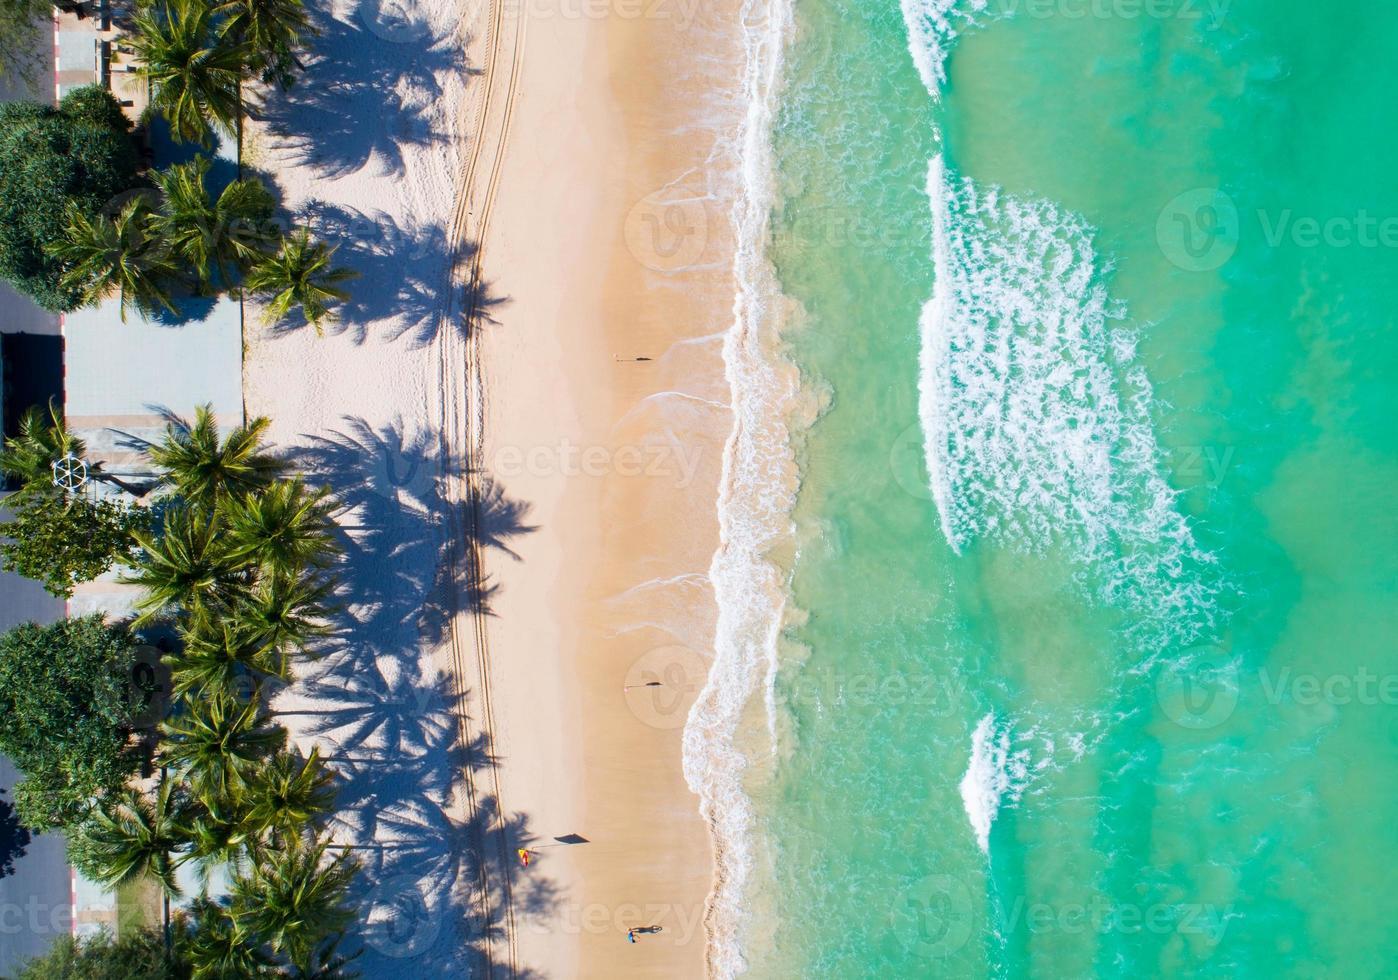 vista aérea de arriba hacia abajo de las palmeras de coco foto